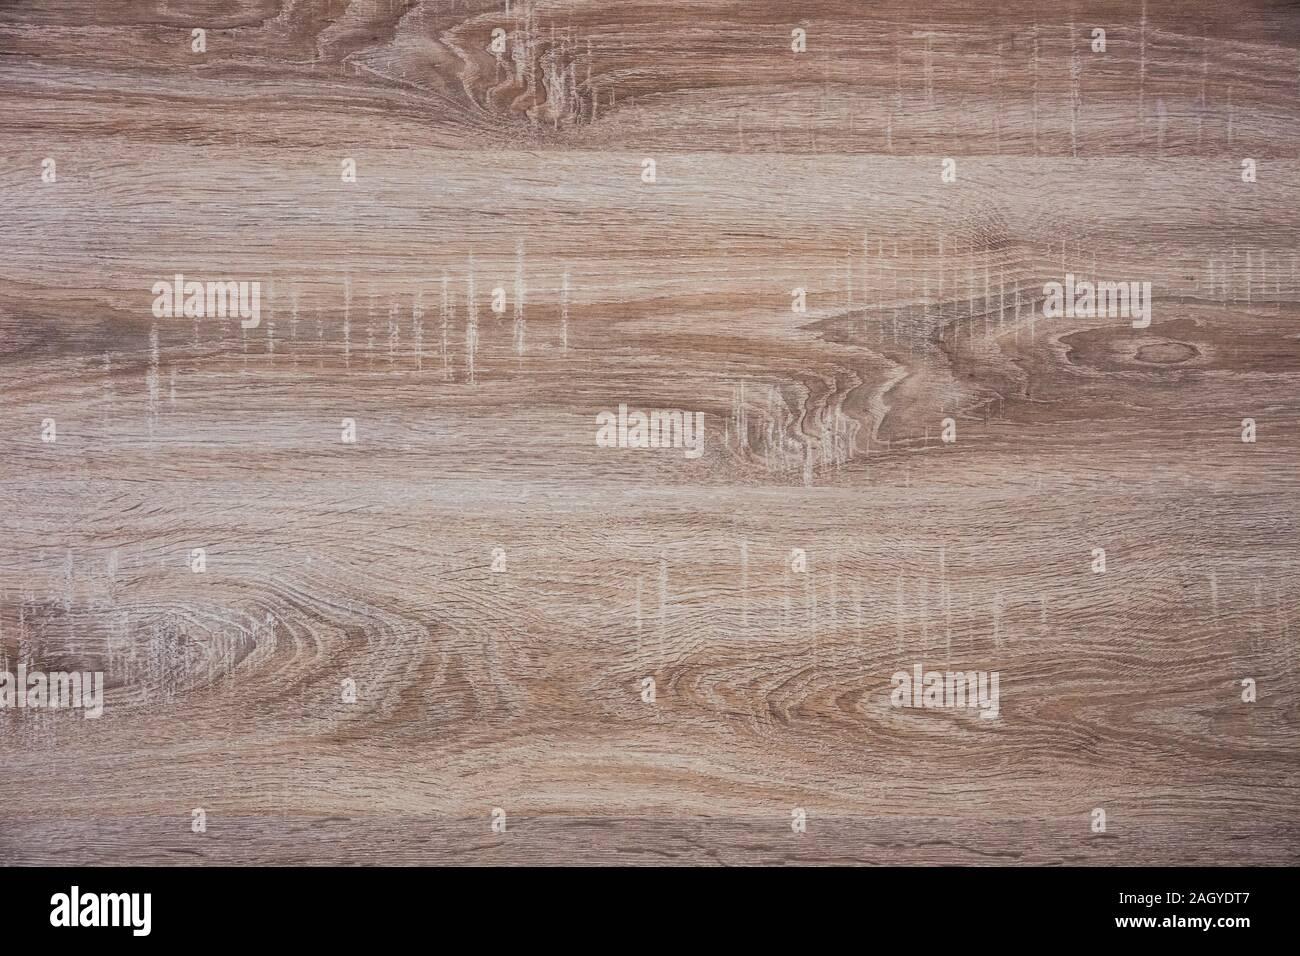 Plancher en bois Vintage détail arrière-plan avec effet filtré. L'orientation horizontale, noeuds dans le bois. Banque D'Images